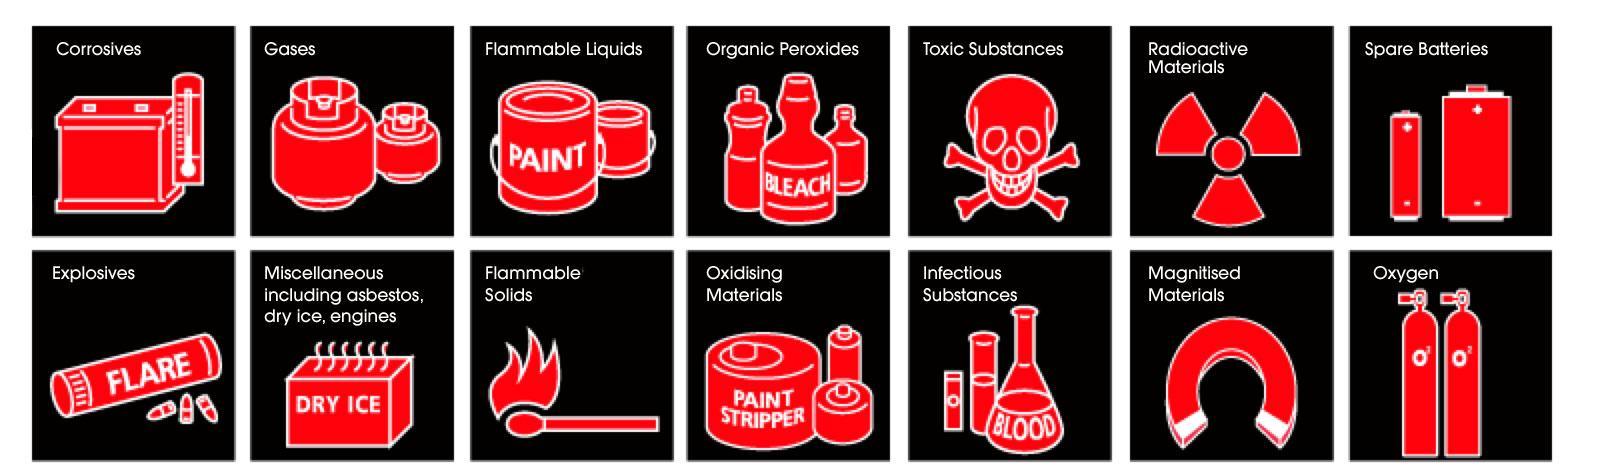 Dangerous Goods.